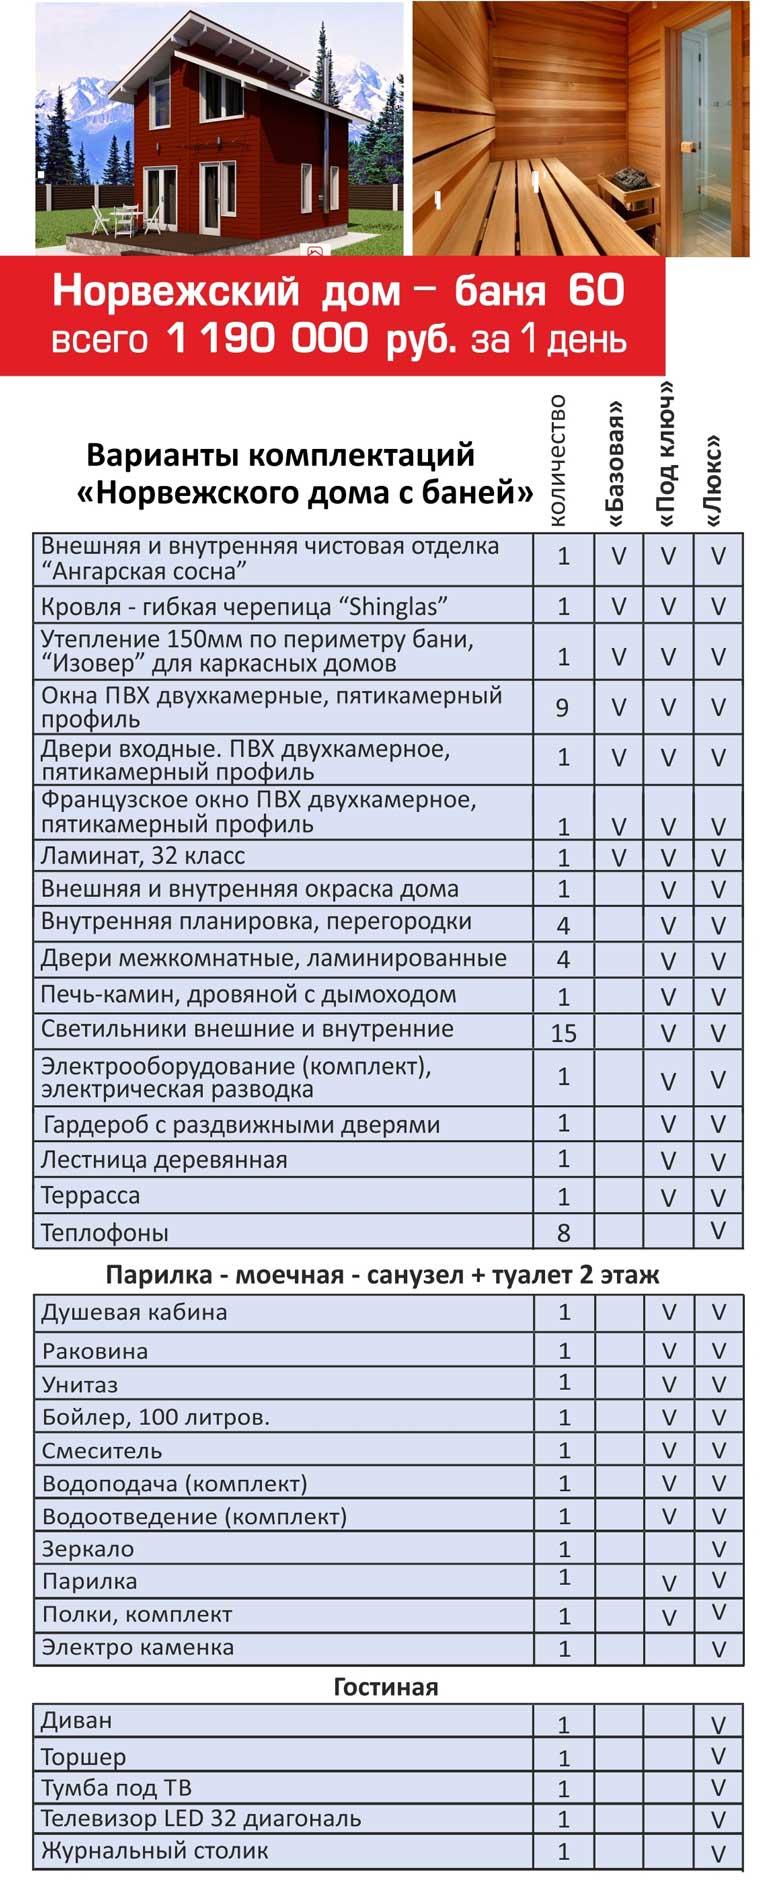 norvezhskiy-dom-banya-60-skandis-v-kurske